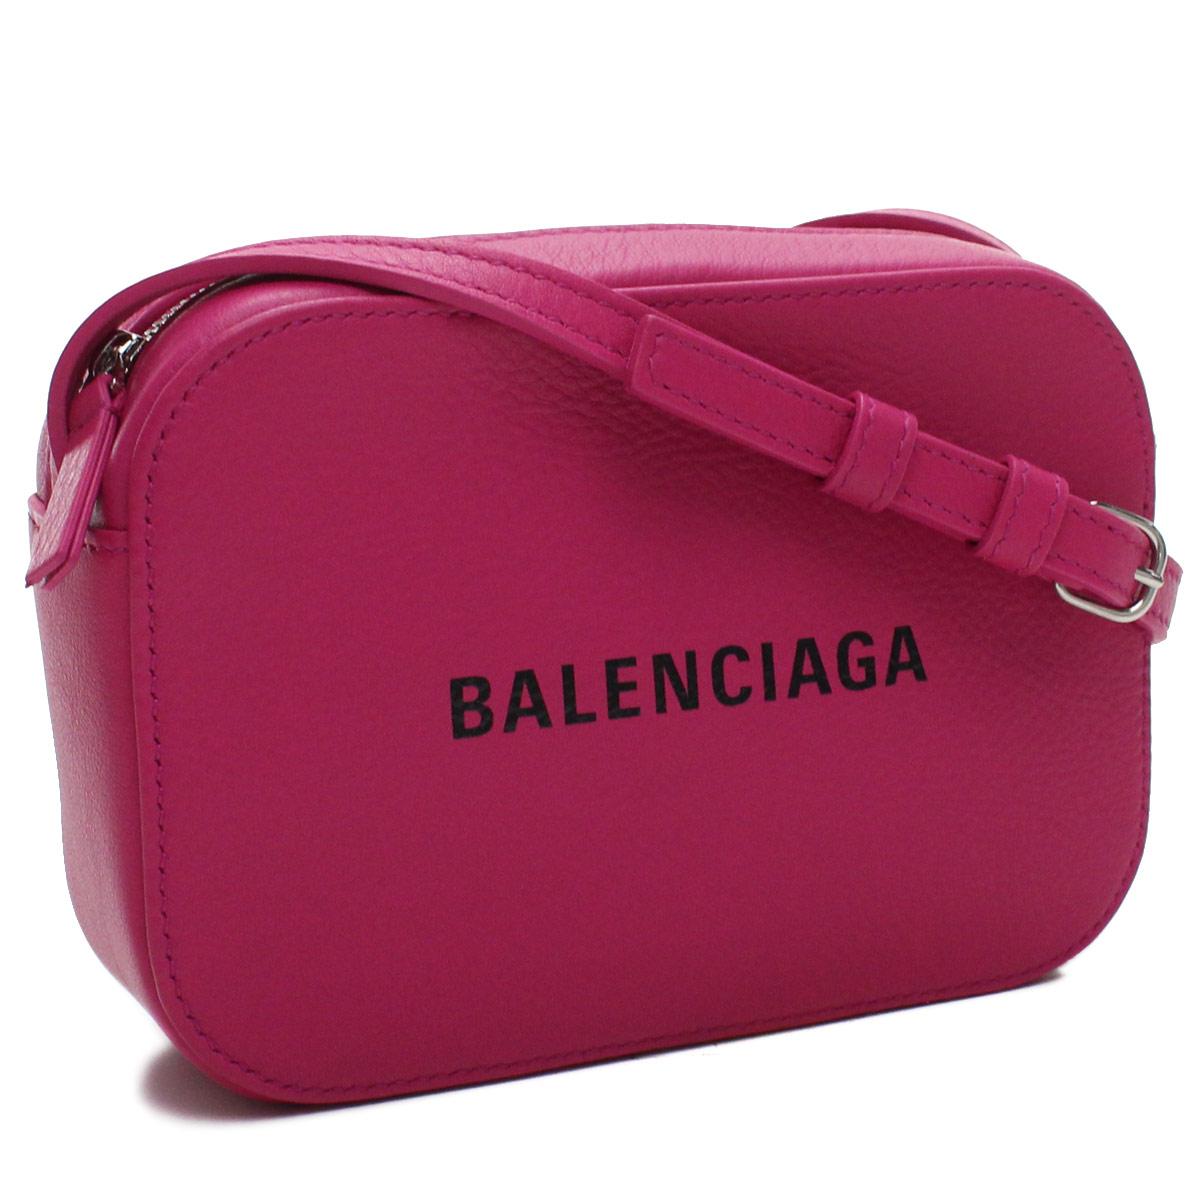 バレンシアガ BALENCIAGA EVERYDAY カメラバッグ XS 斜め掛け ショルダーバッグ 552372 D6W2N 5560 ピンク系 レディース